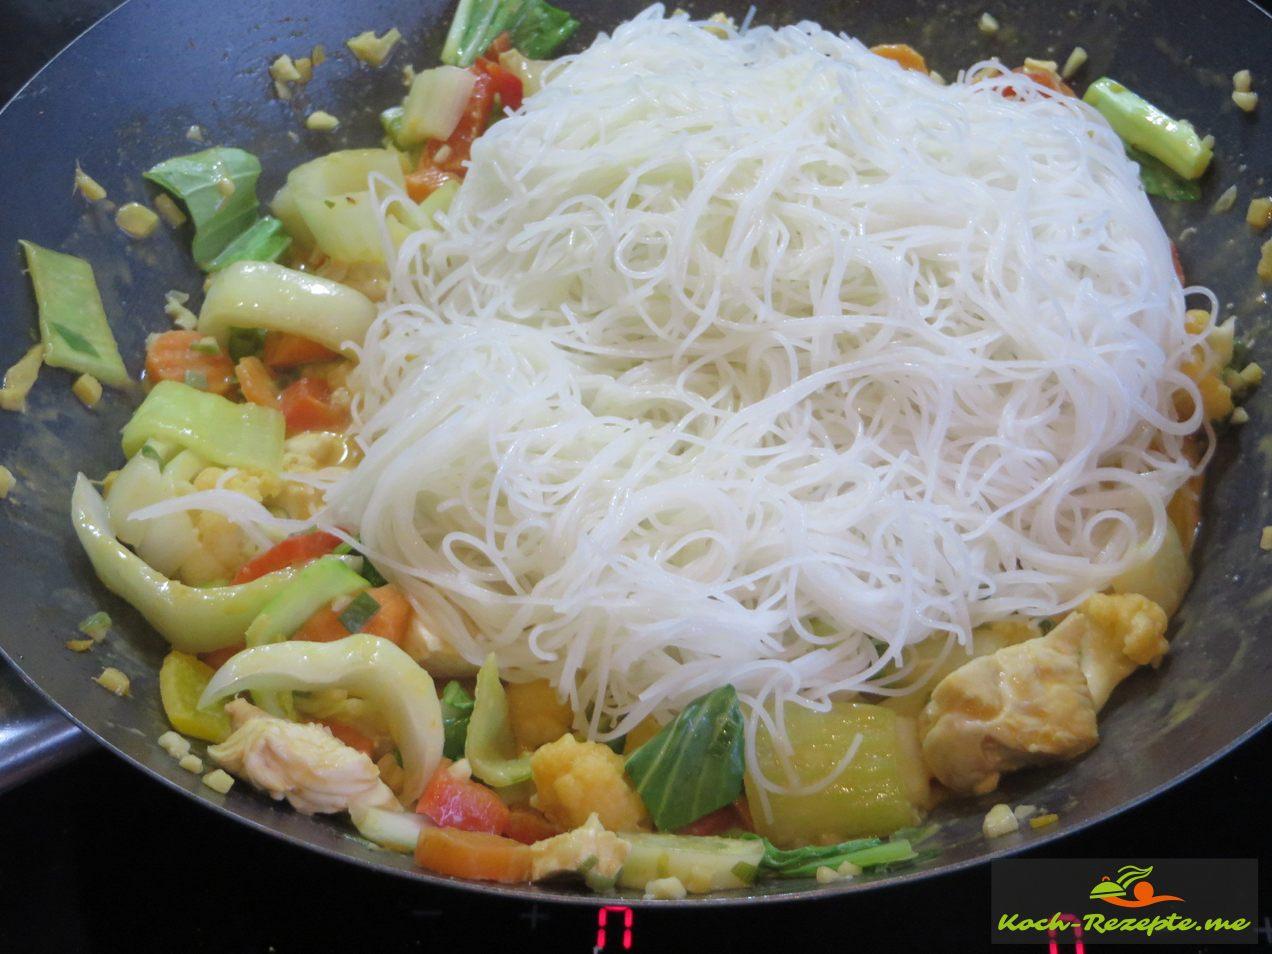 die Reisnudeln unters Pak Choi Gemüse heben